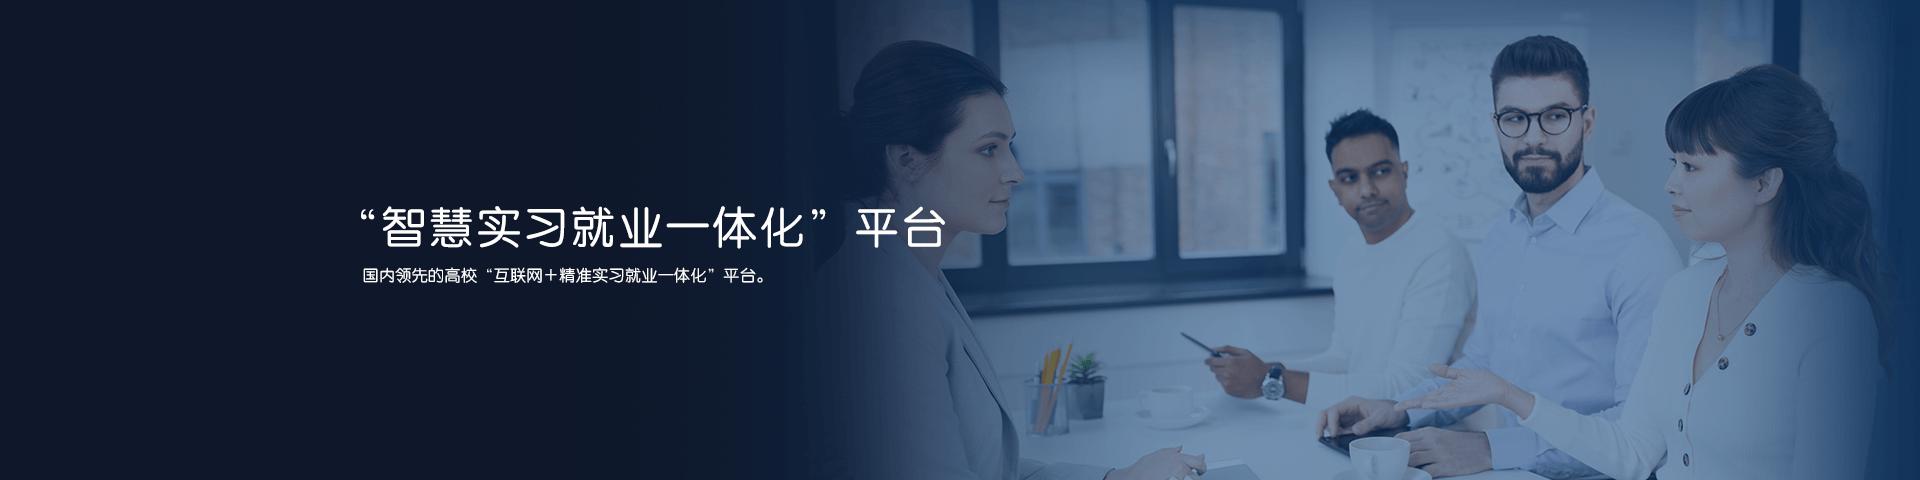 """""""智慧实习就业一体化""""平台"""